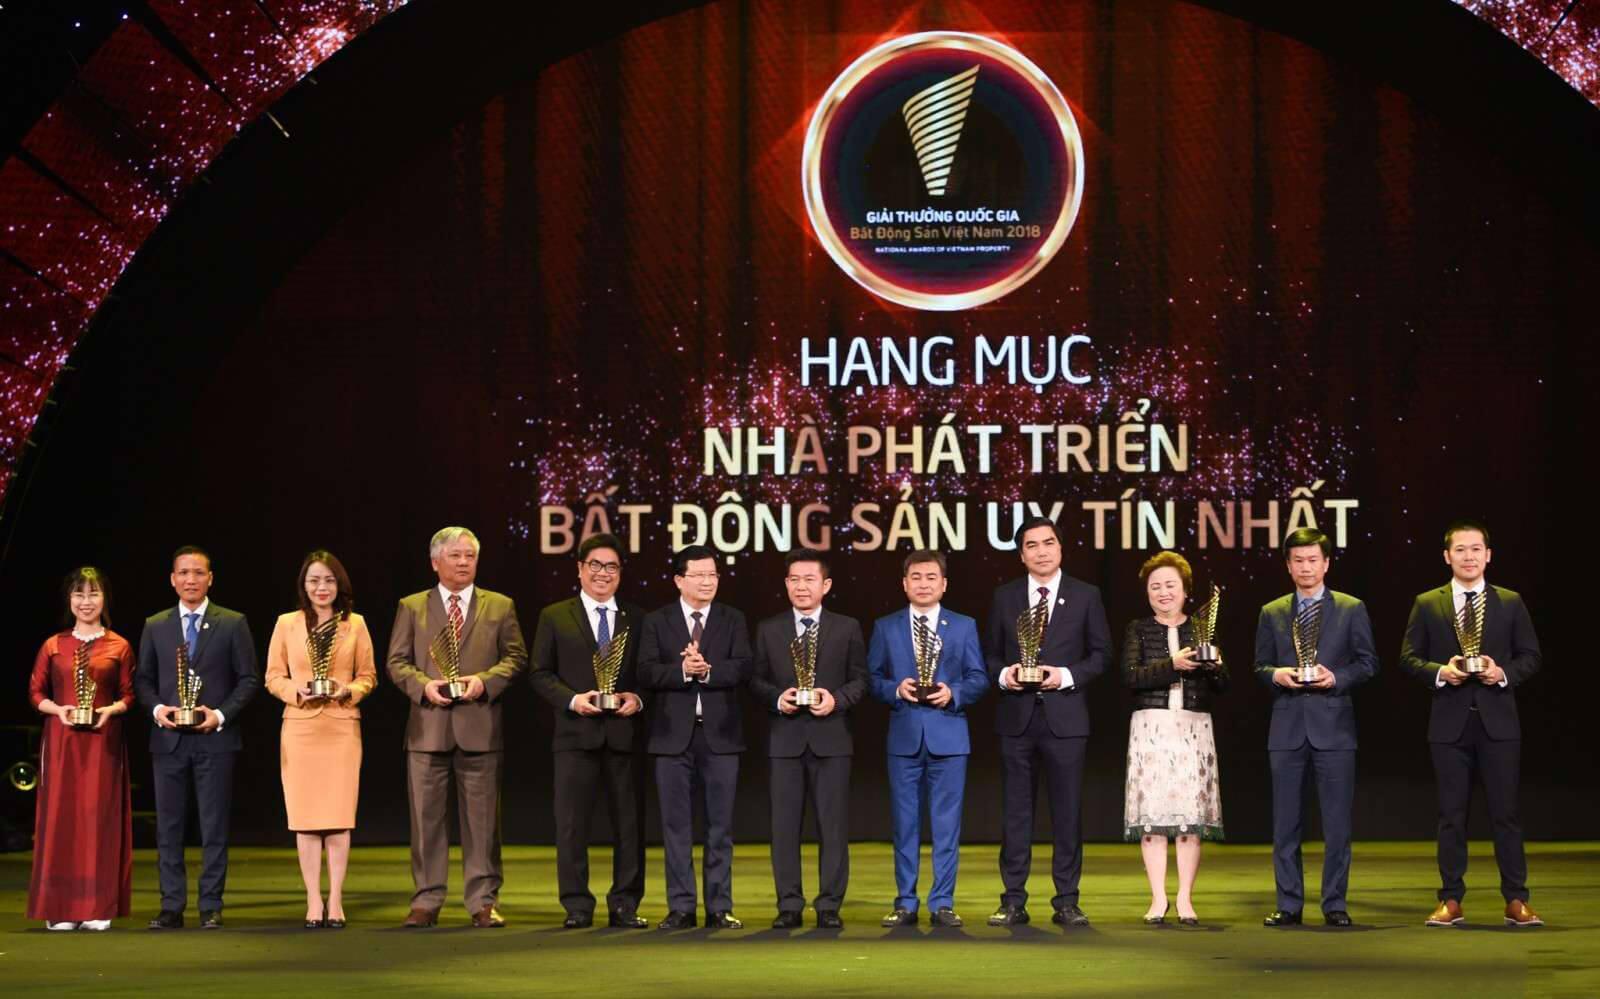 """XMCC nhận giải thưởng """"nhà phát triển bất động sản uy tín"""" năm 2018"""